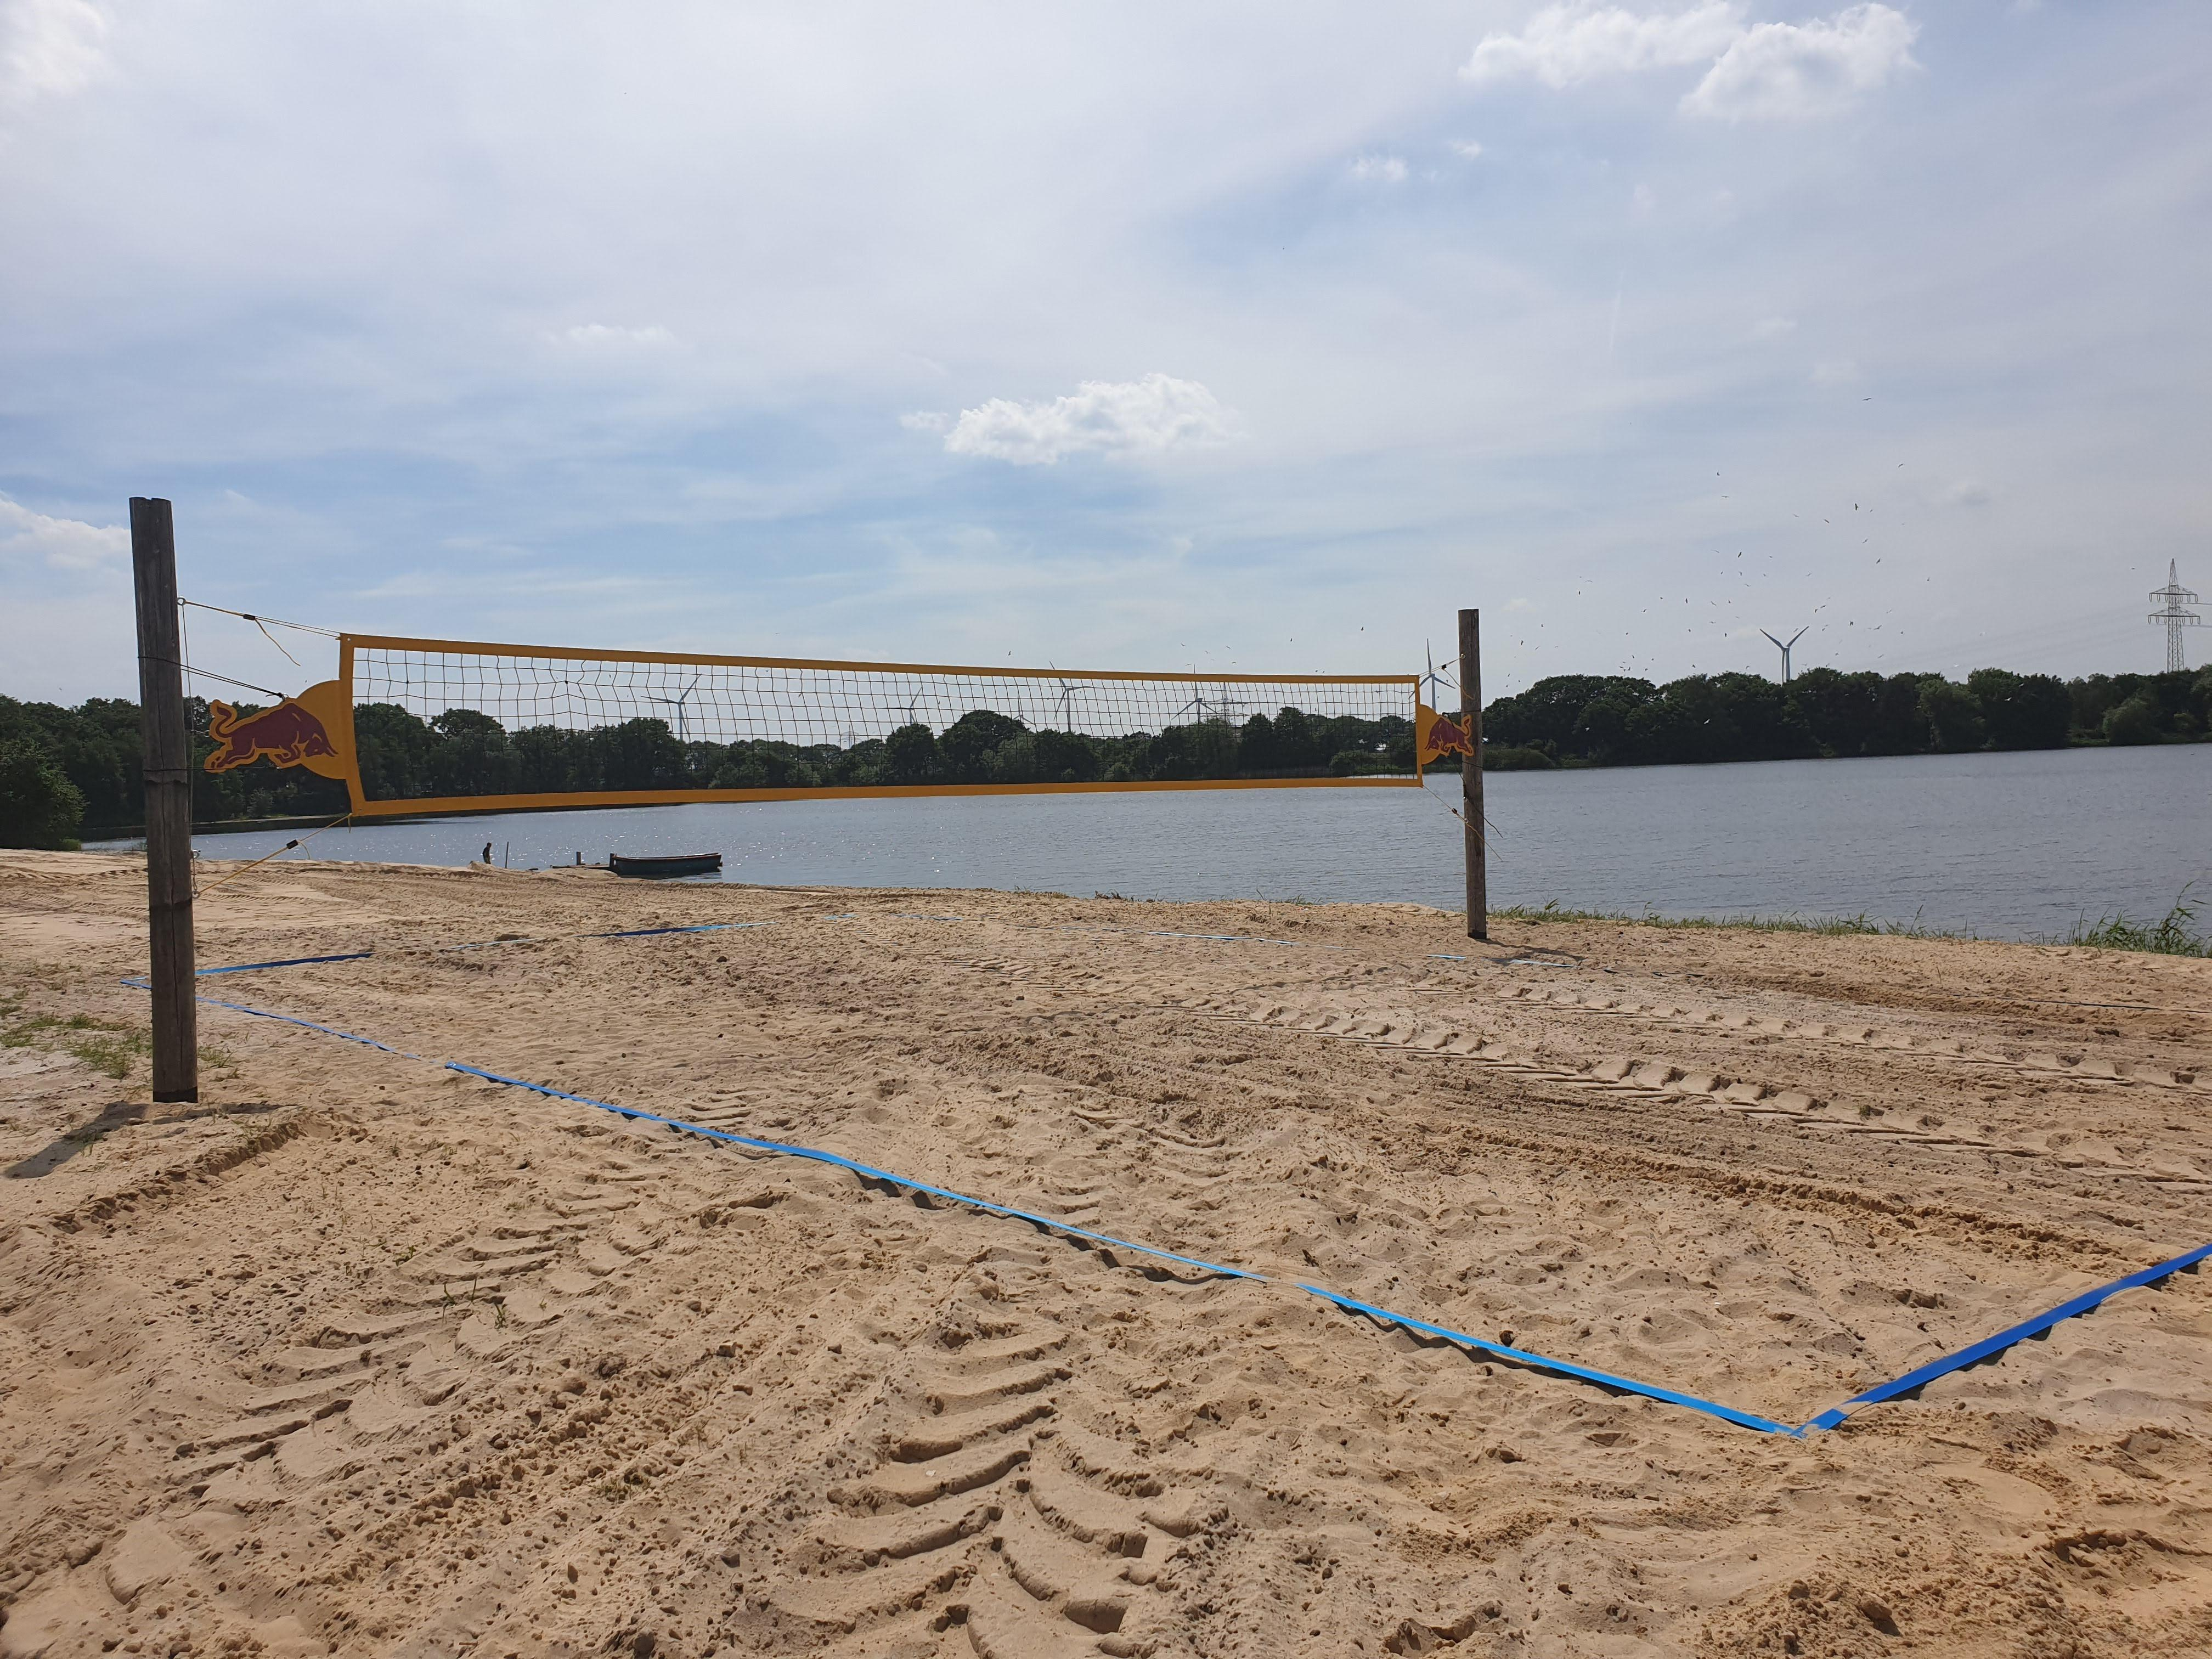 Beachvolleybal Miete